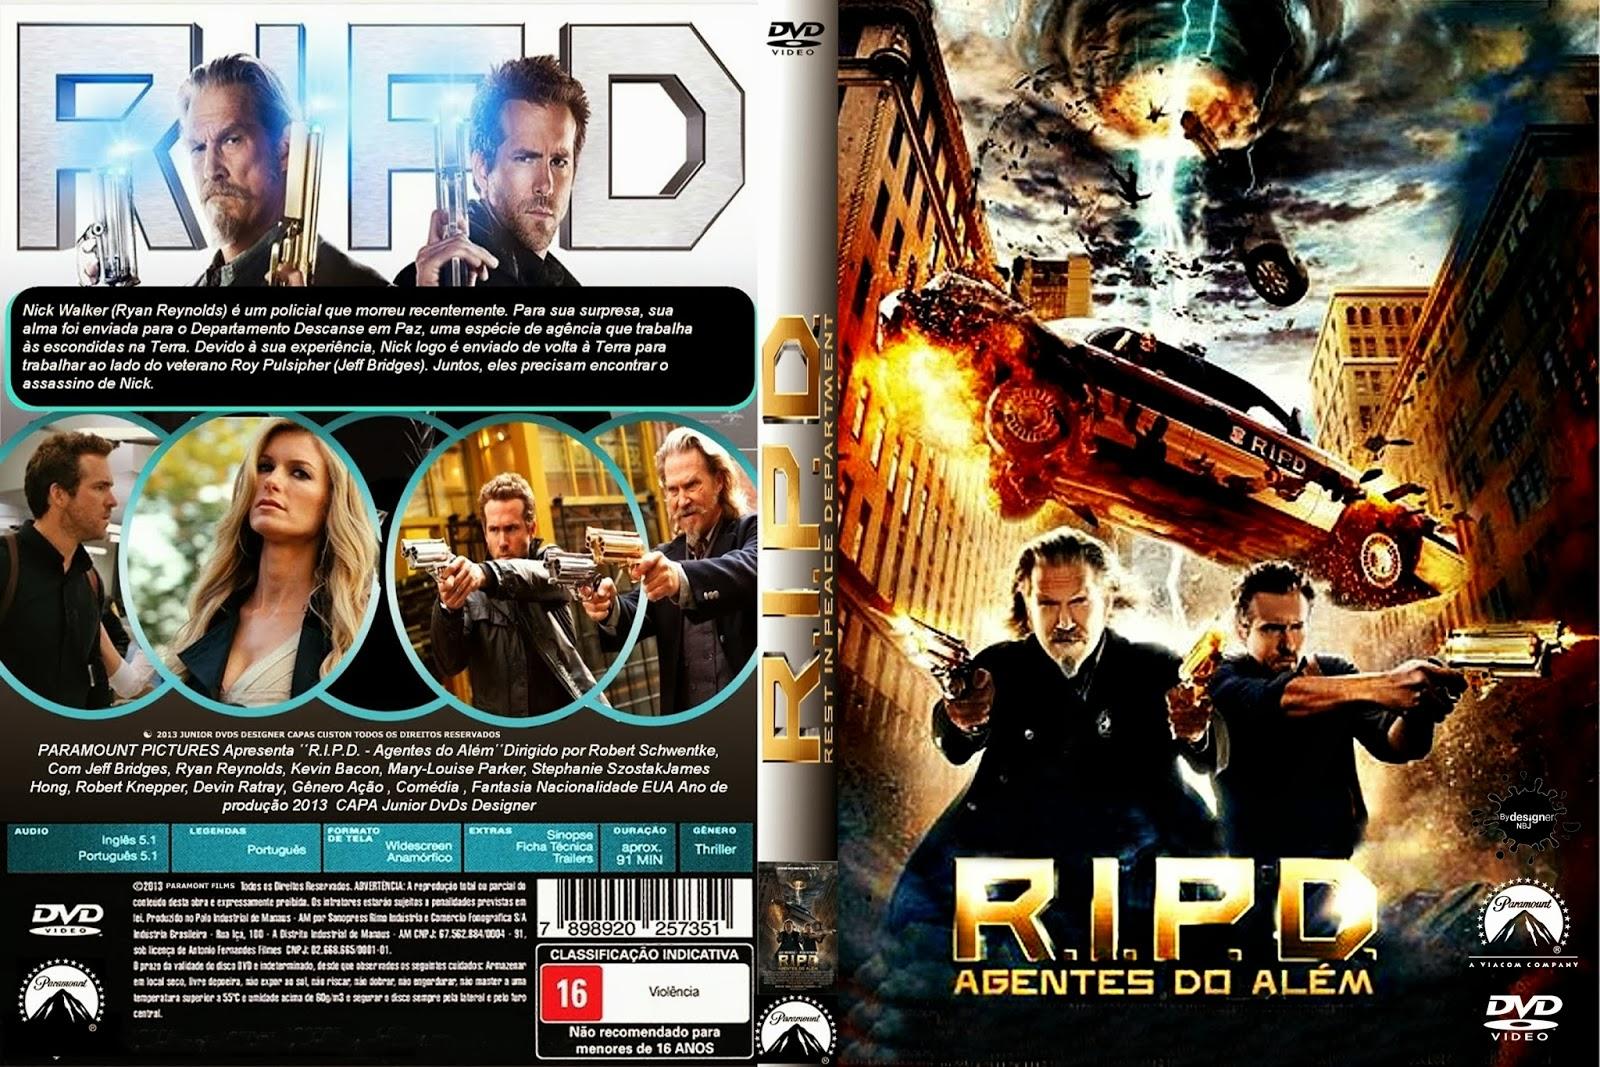 CAPAS DVD VIDEO JP: R.I.P.D. AGENTES DO ALÉM